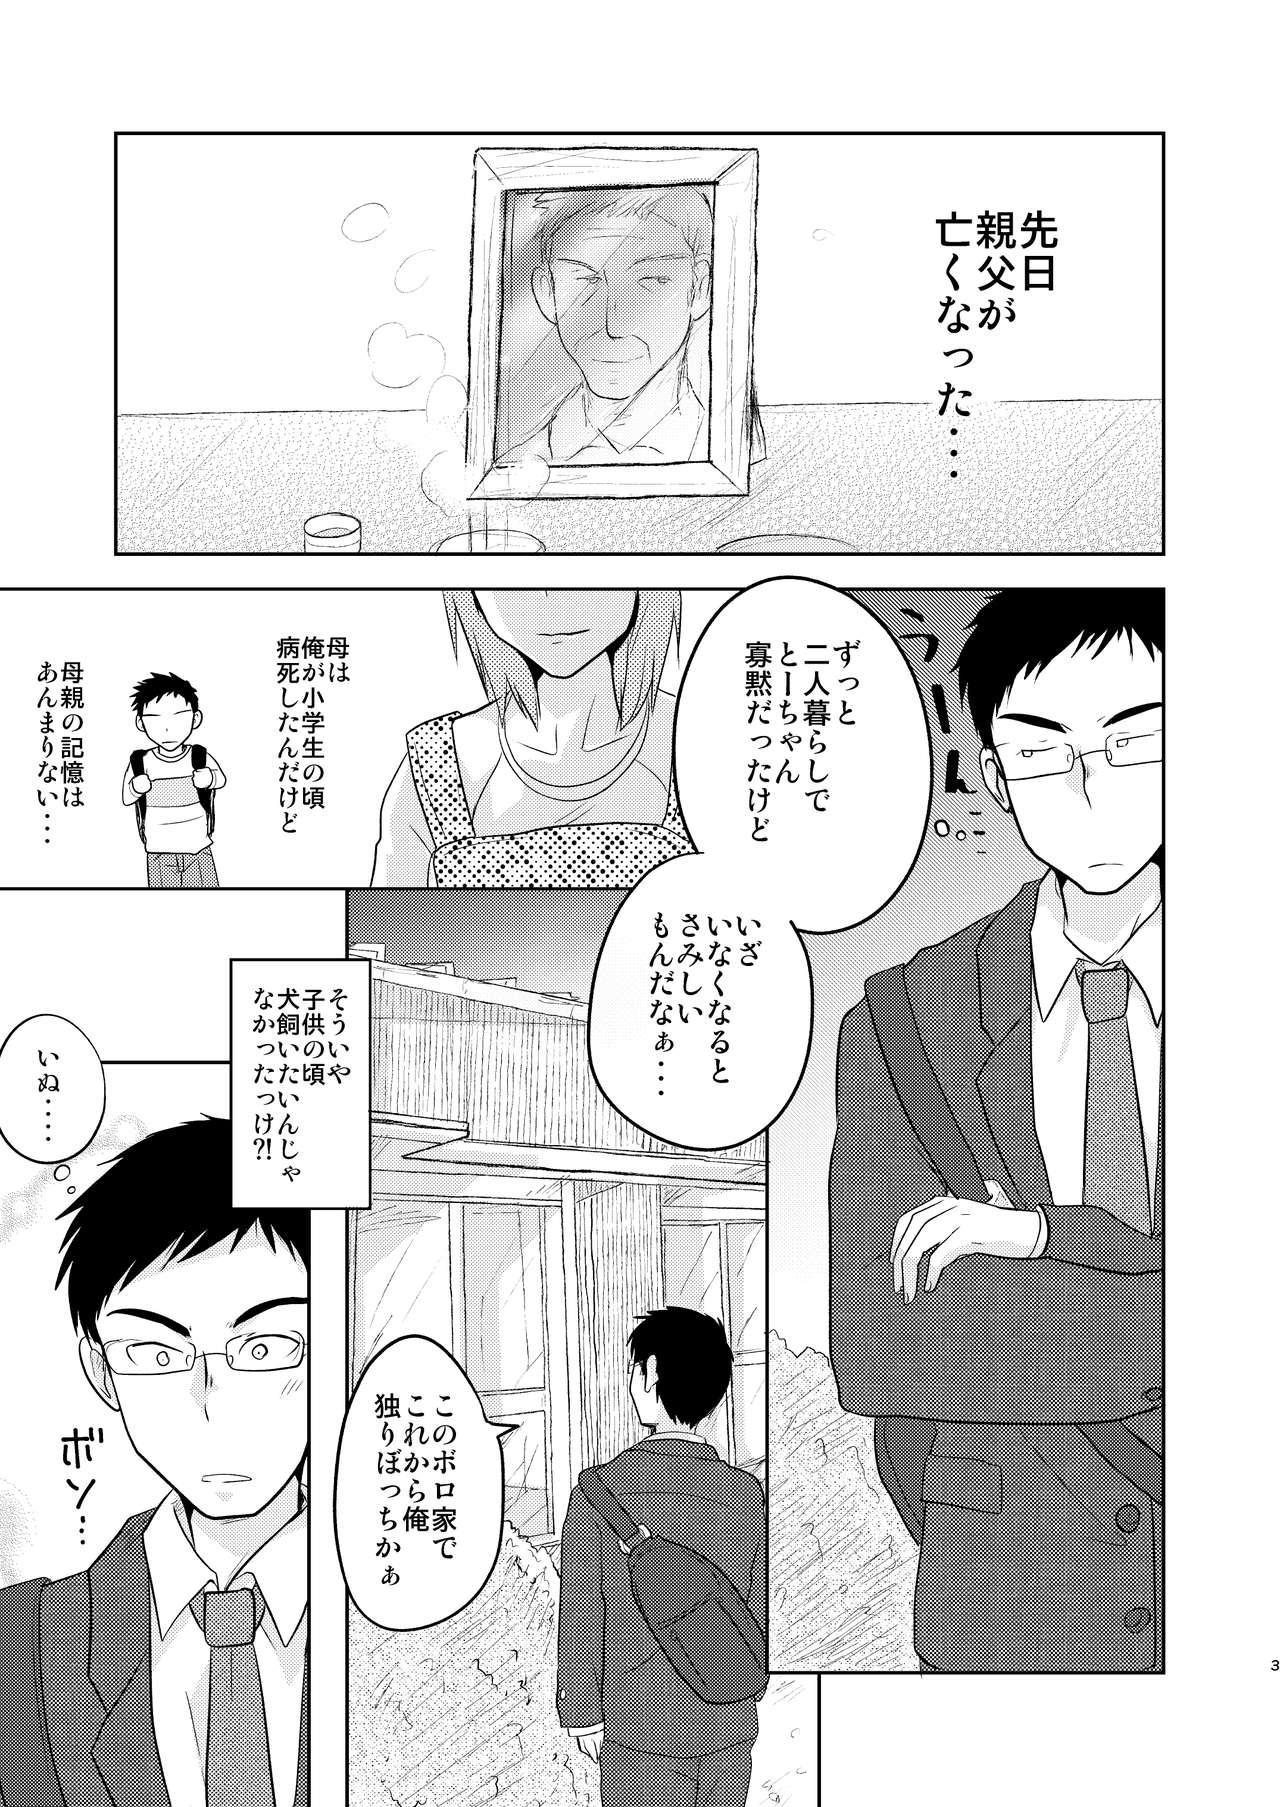 Wanko 2hiki ga iru Seikatsu! 2